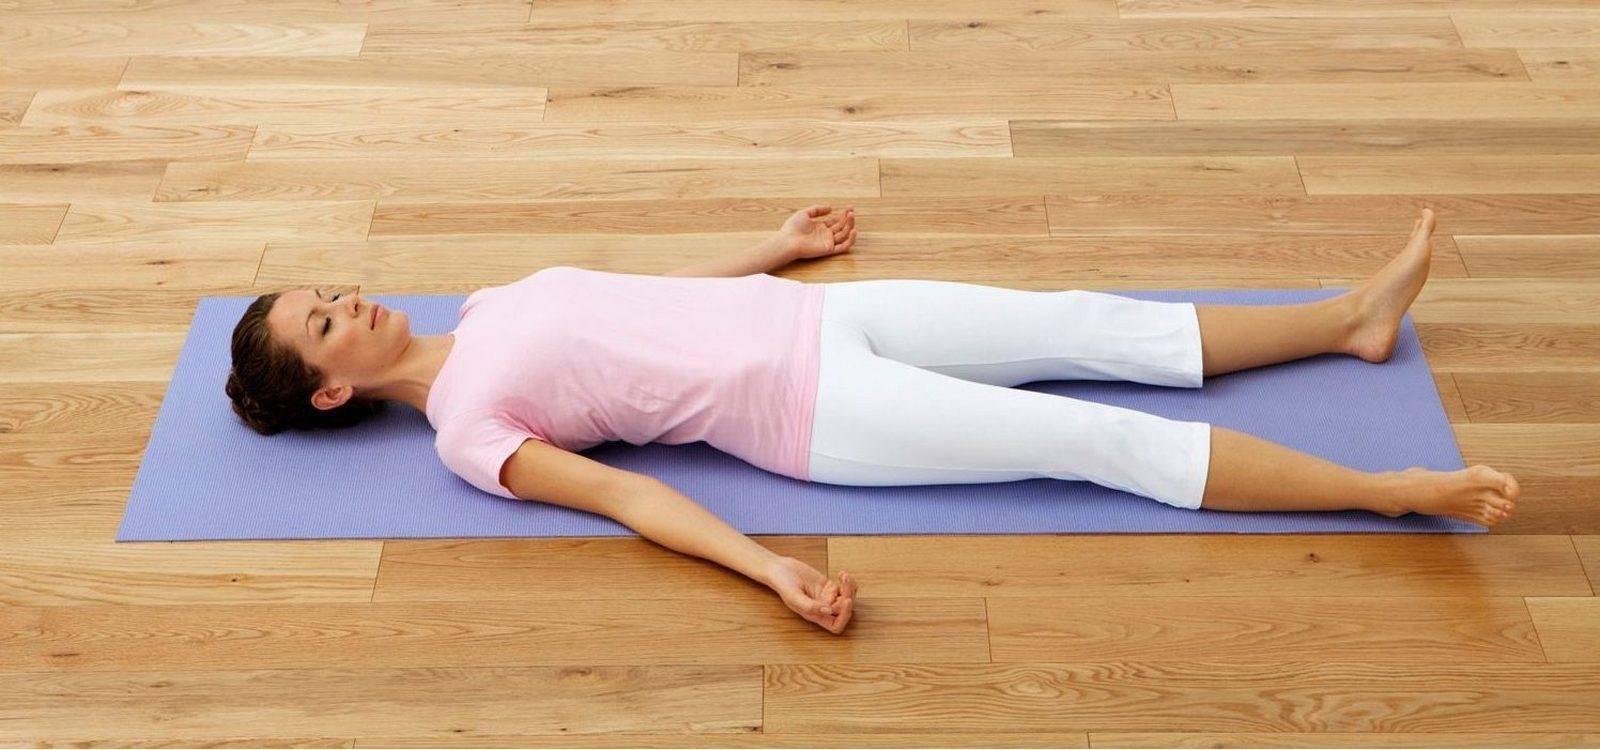 Шавасана метод глубокого расслабления: поза в йоге, музыка и медитация, отзывы